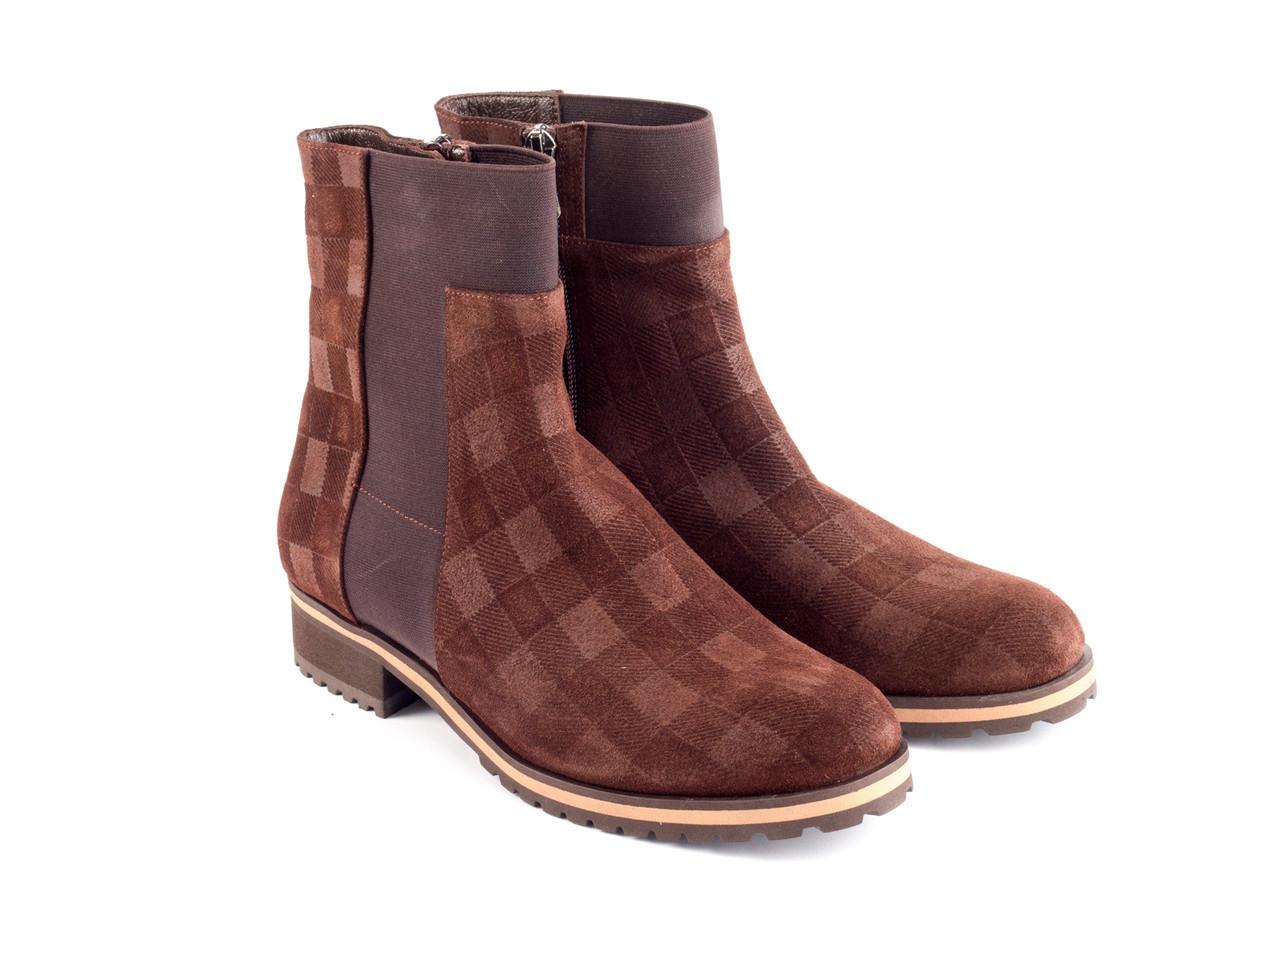 Ботинки Etor 4417-011-9530 38 коричневые